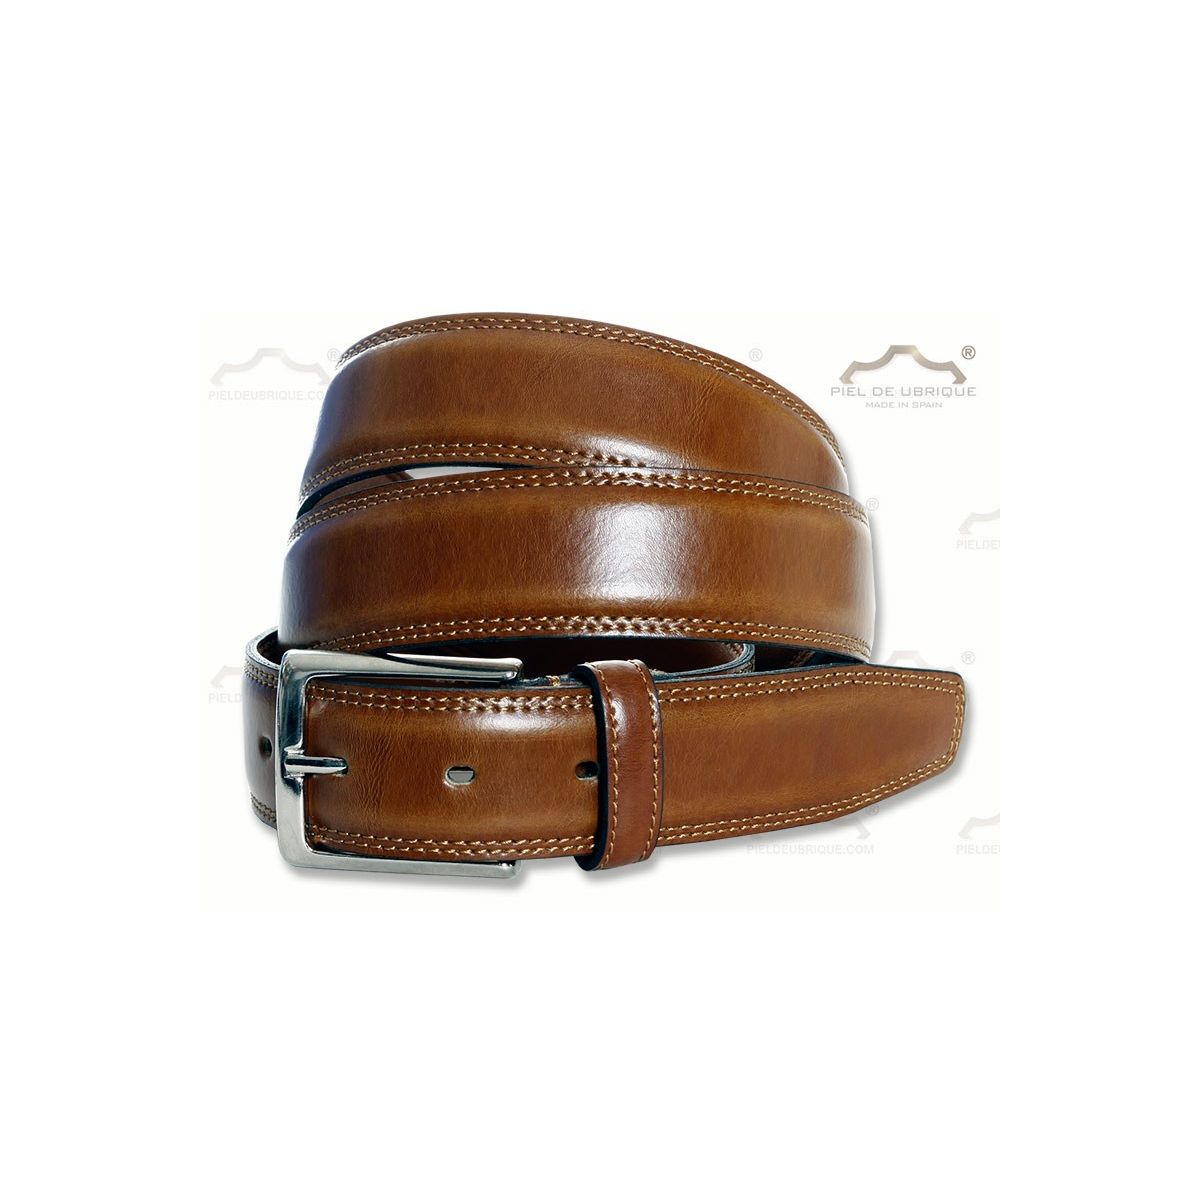 mejor sitio web 894dd 62030 Cinturón piel hombre texas